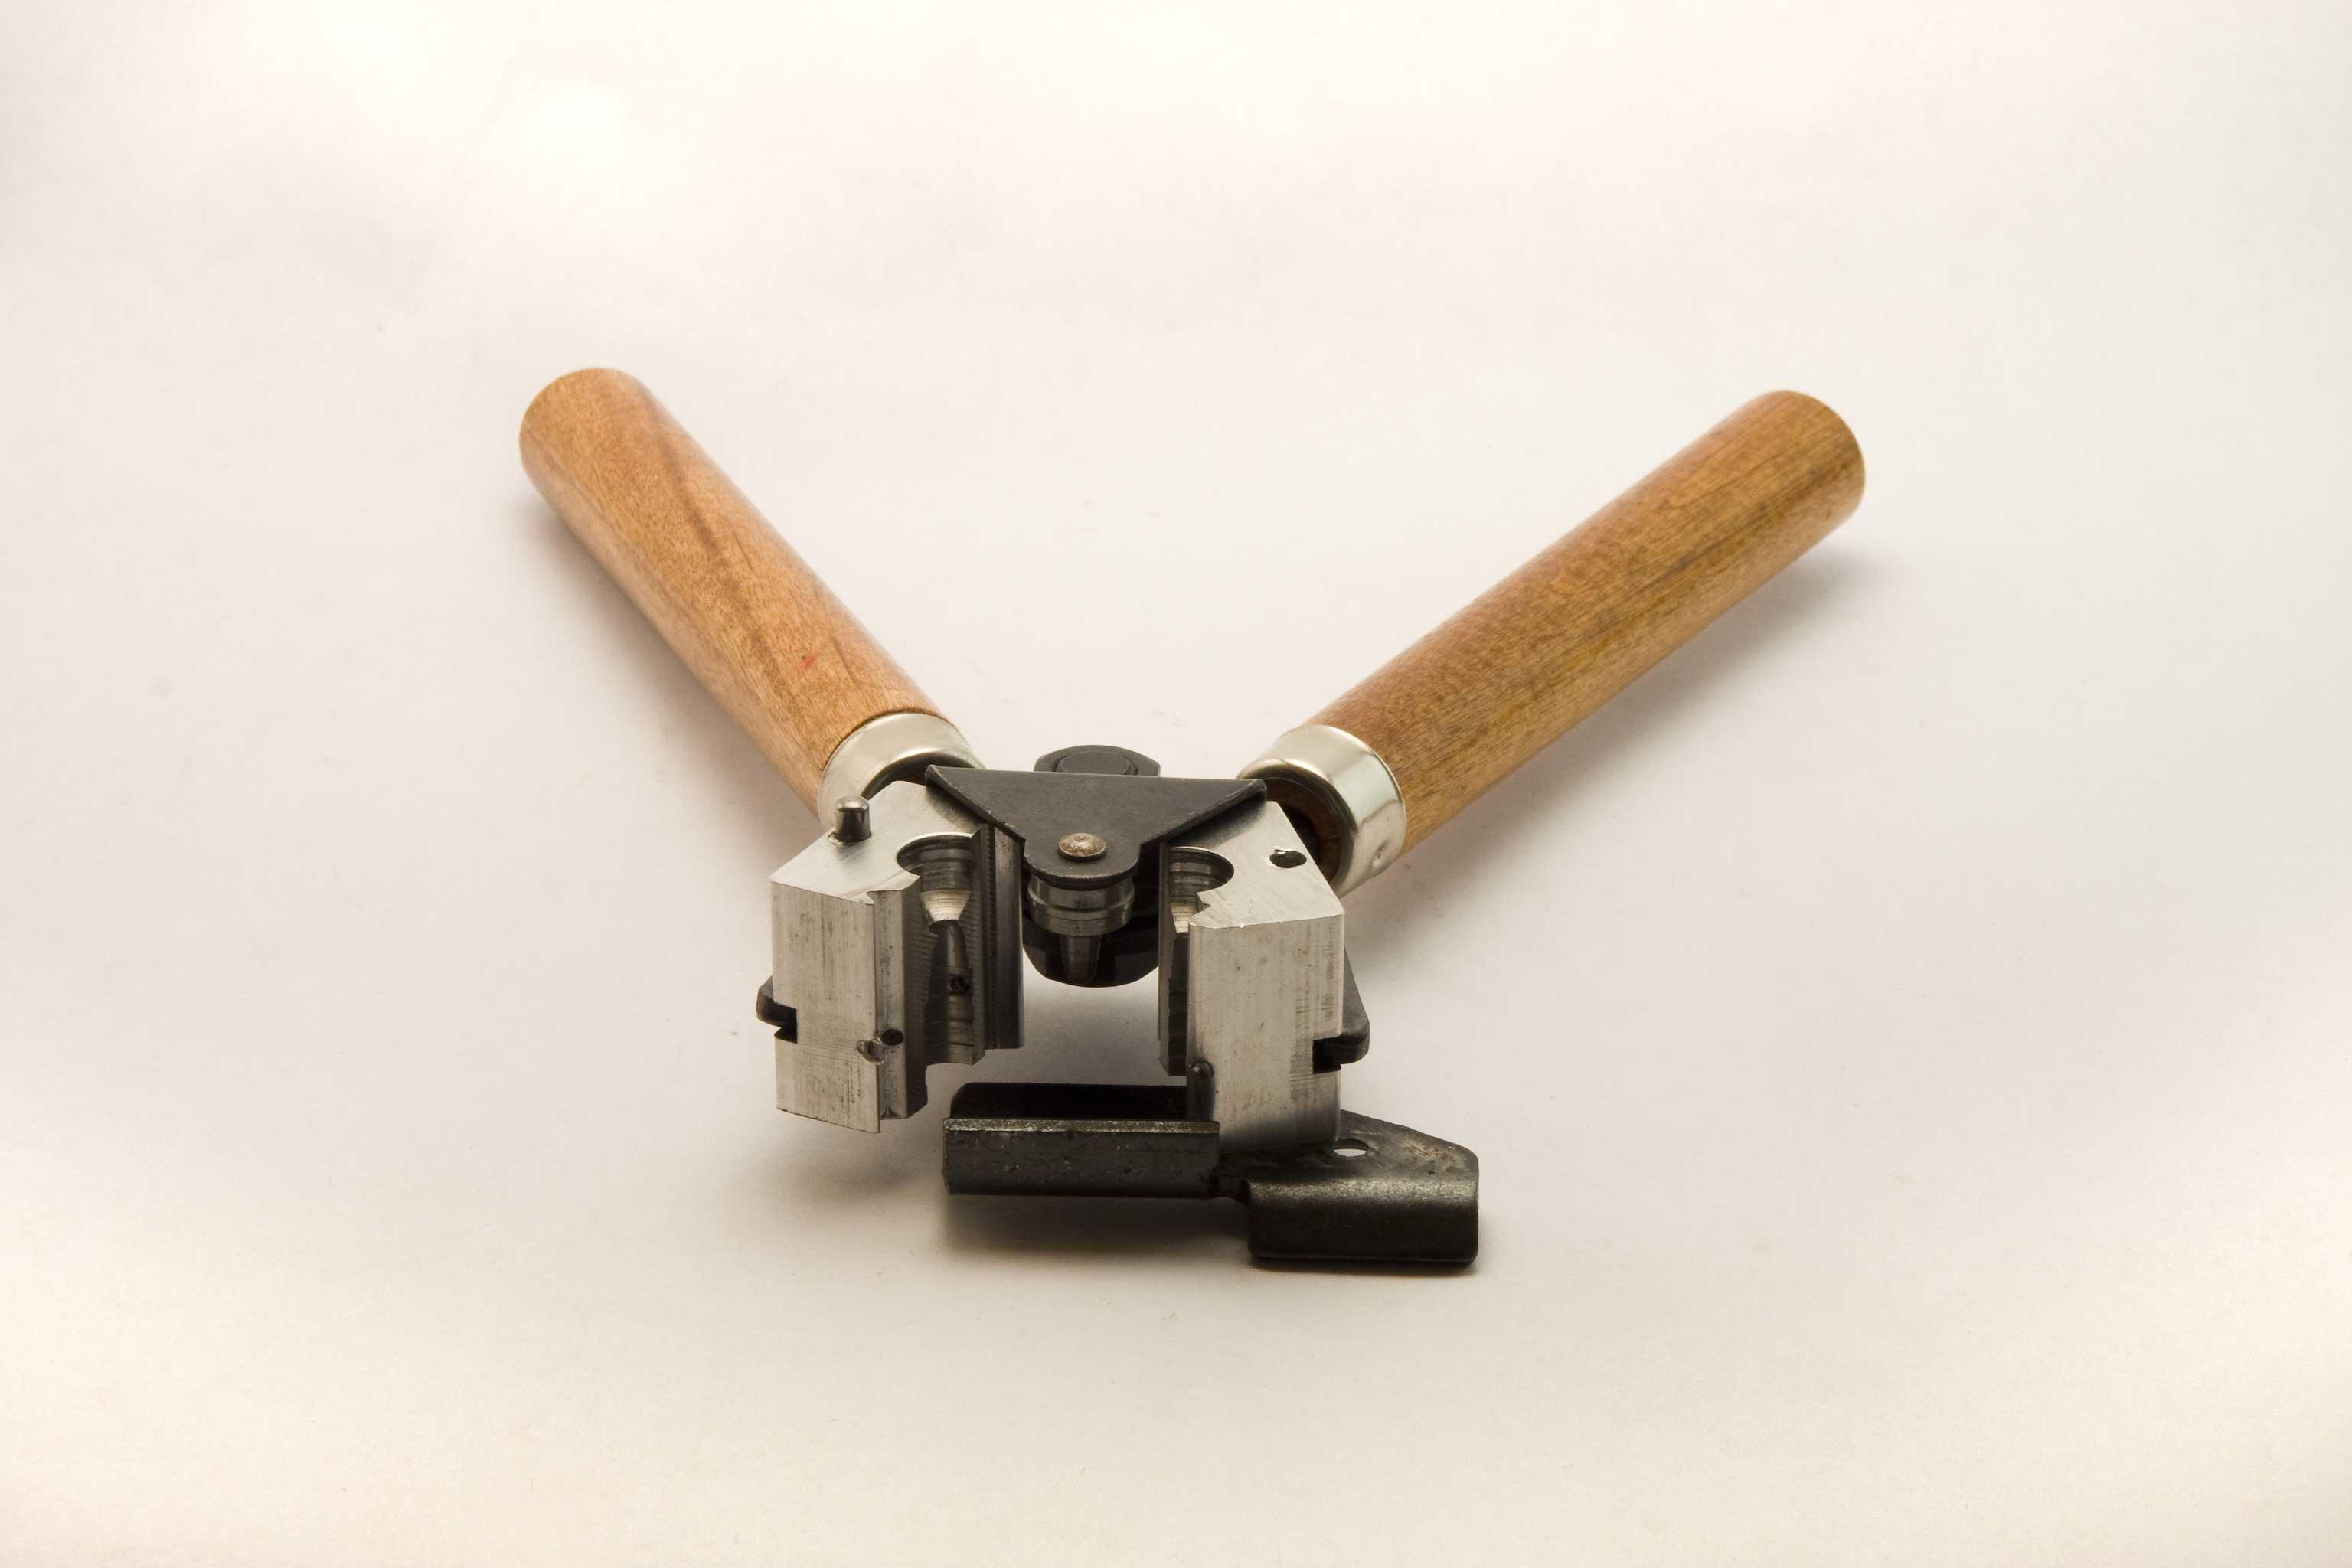 Bullet maker open